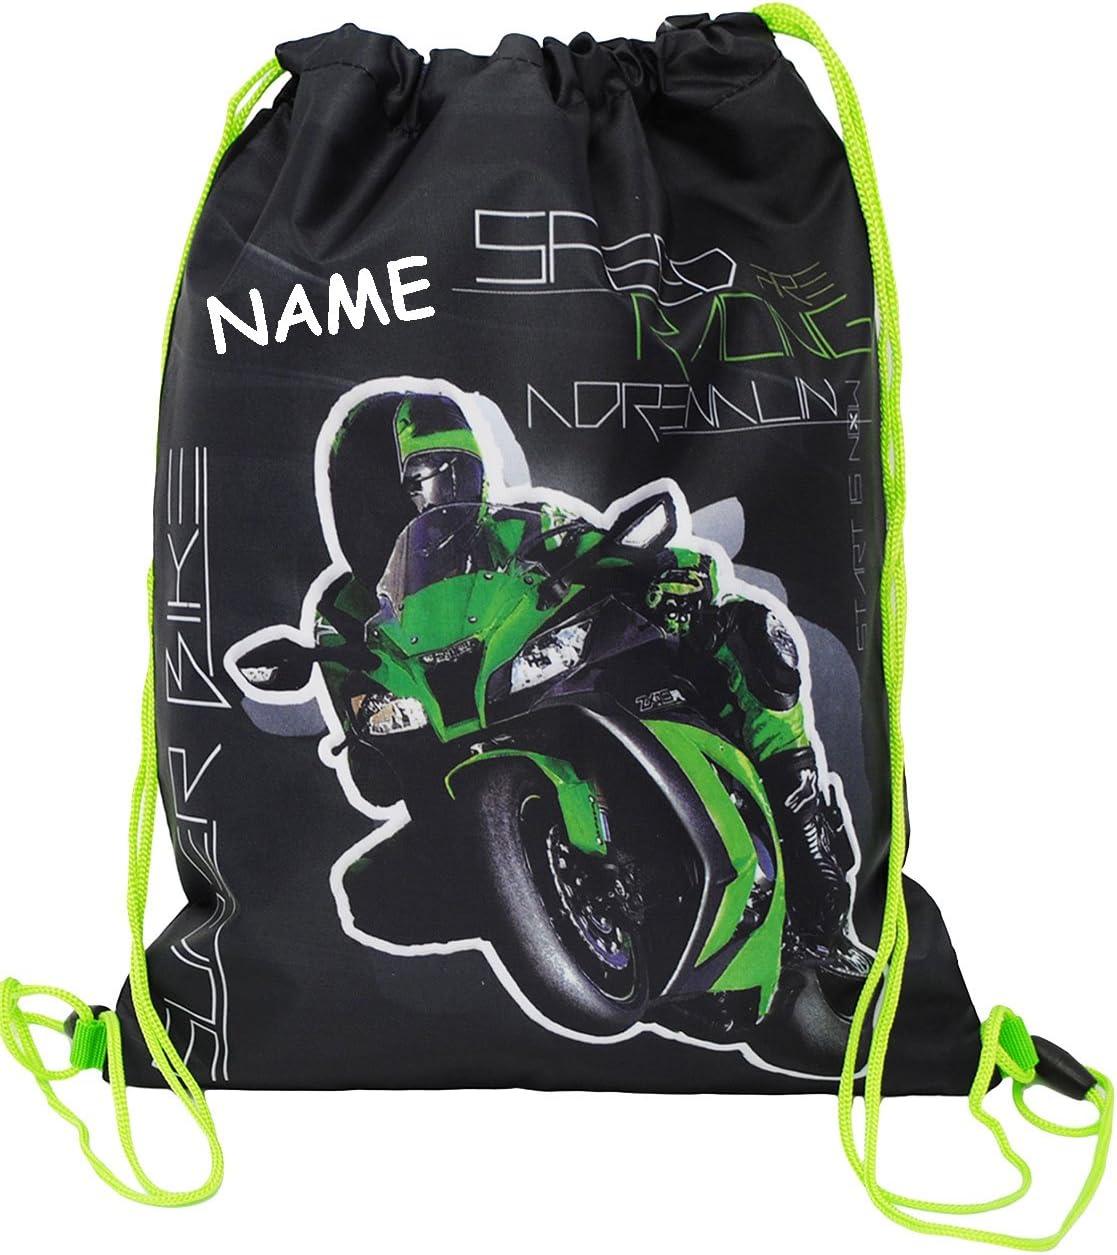 Unbekannt Sportbeutel Turnbeutel f/ür Kinder incl Ninja Schulb.. Schuhbeutel /_/_  Motorrad Kawasaki ZX-10R Namen wasserfest // wasserabweisend /& abwischbar